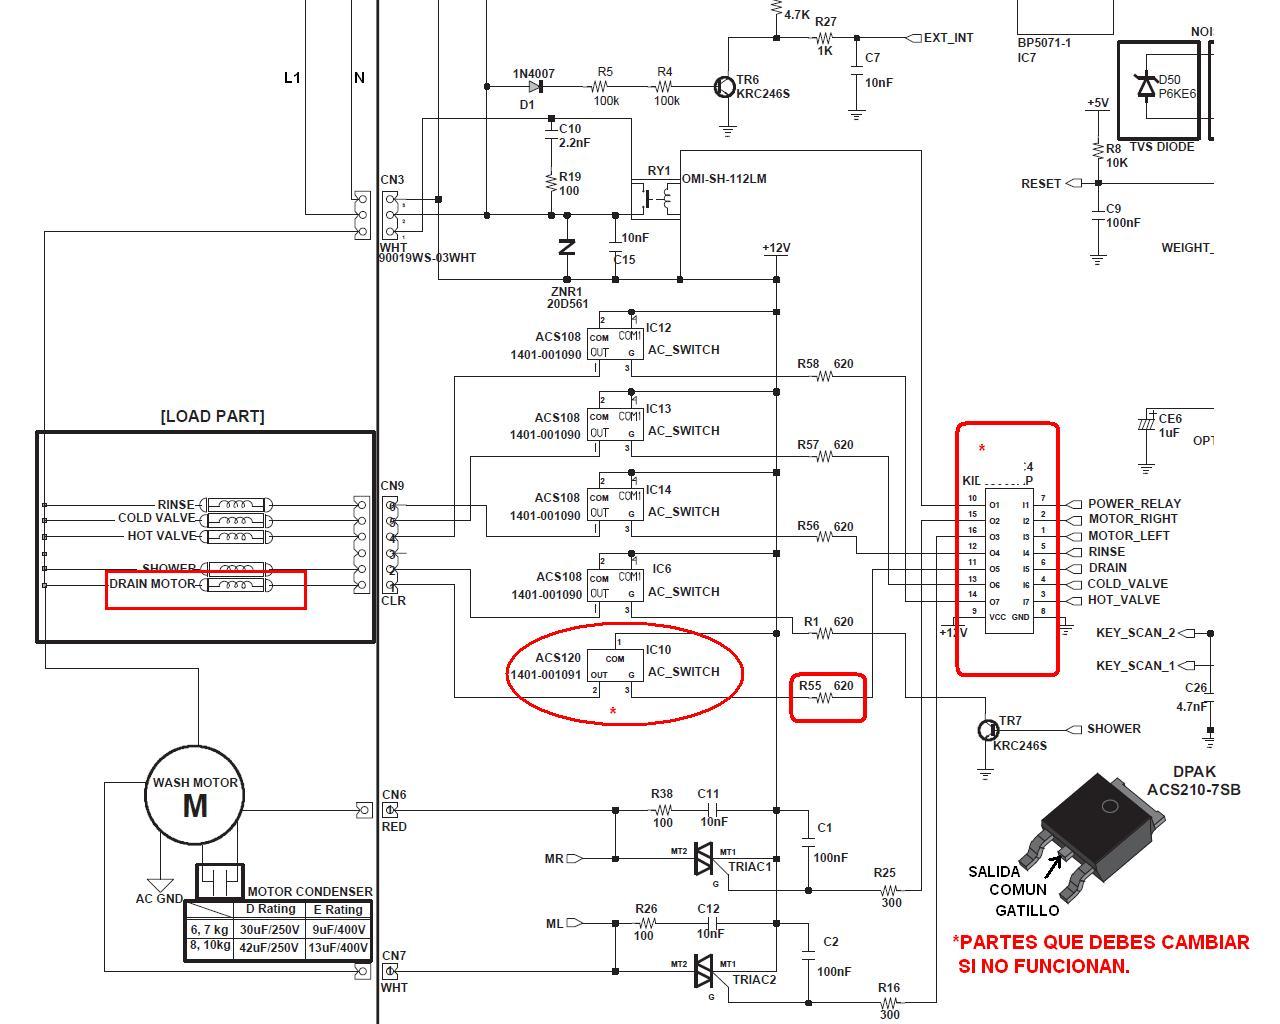 lavadora samsung modelo wa17w9sdp no enjuaga ni centrifuga